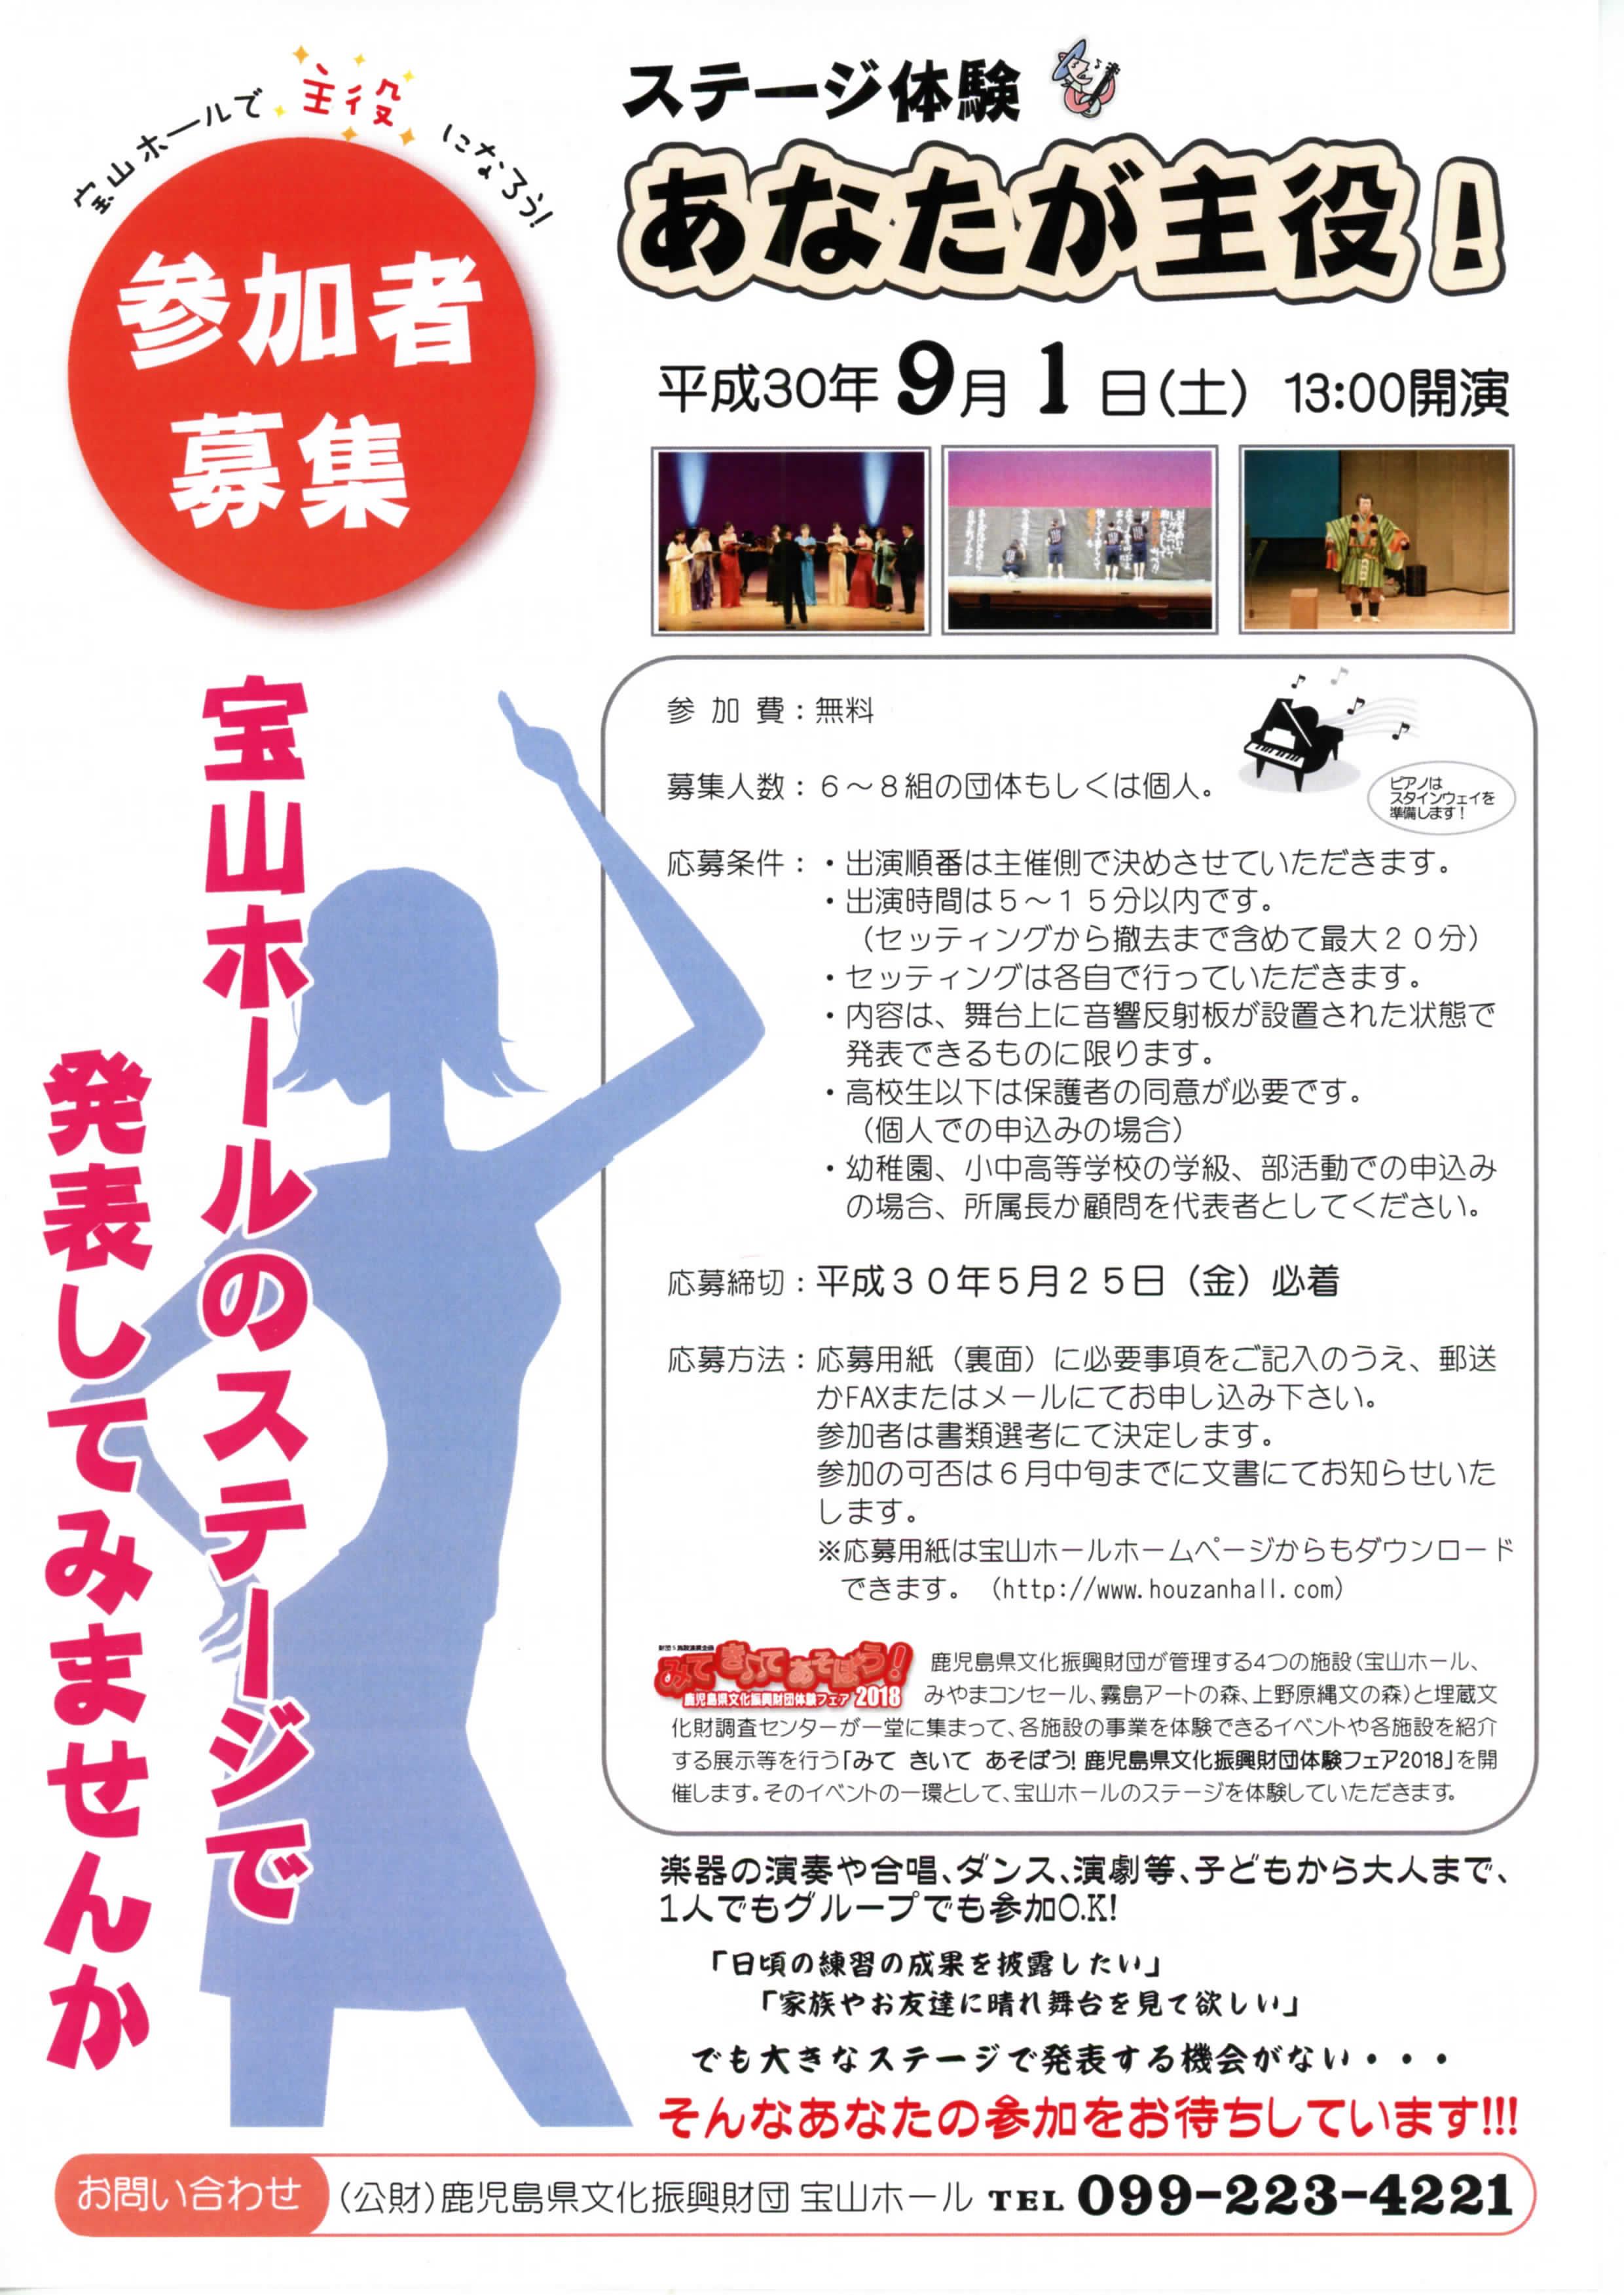 みてきいてあそぼう!鹿児島県文化振興財団体験フェア2018参加者募集 ステージ体験「あなたが主役!」